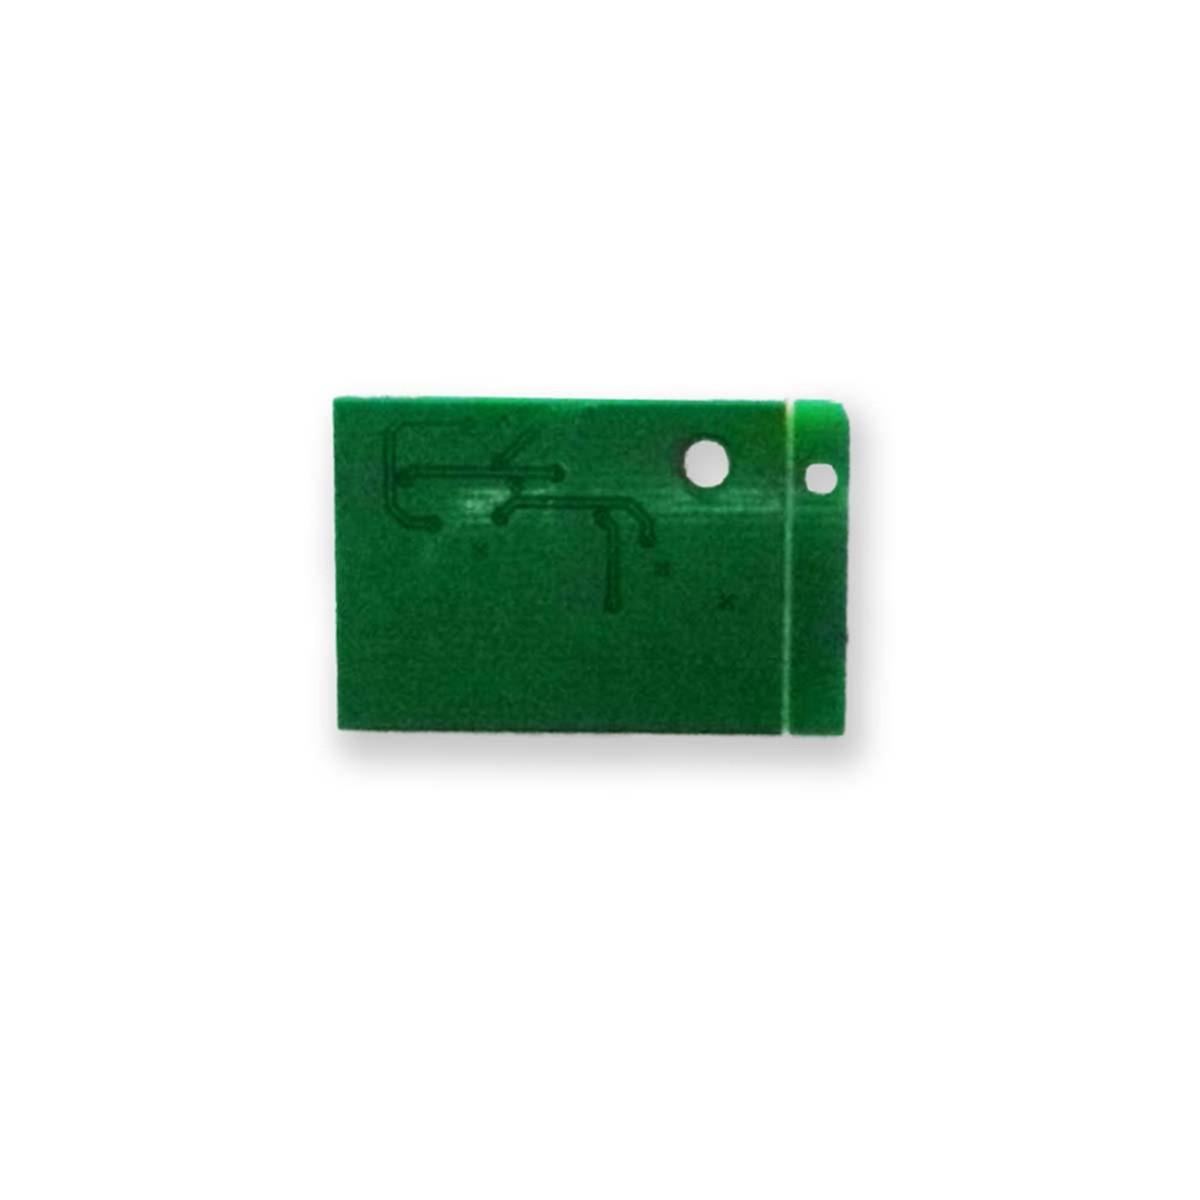 Chip Lexmark X656 X654 X658 X656DE X658DE X658DME X658DFE X656DE X658DFE | 36.000 páginas